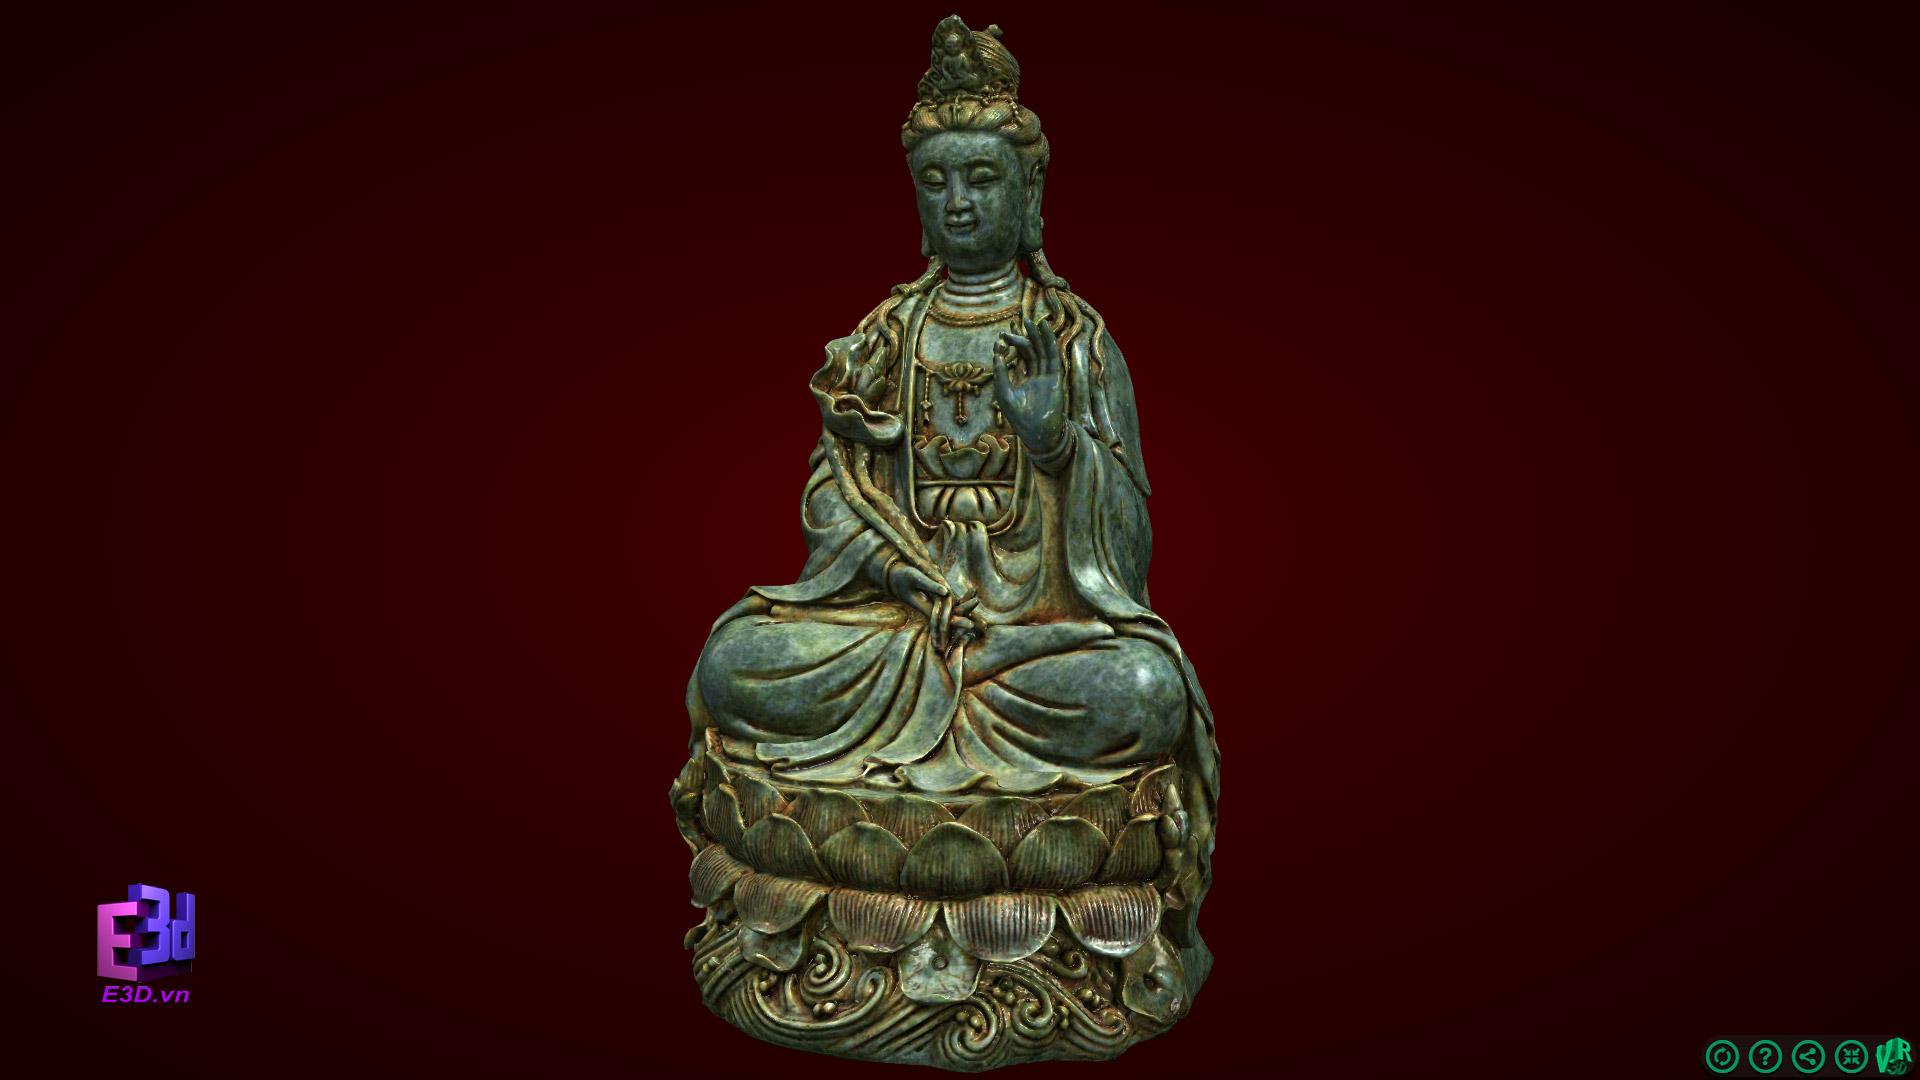 Tượng Phật Bà Quan Âm Hình Ảnh Phật Bà Quan Âm